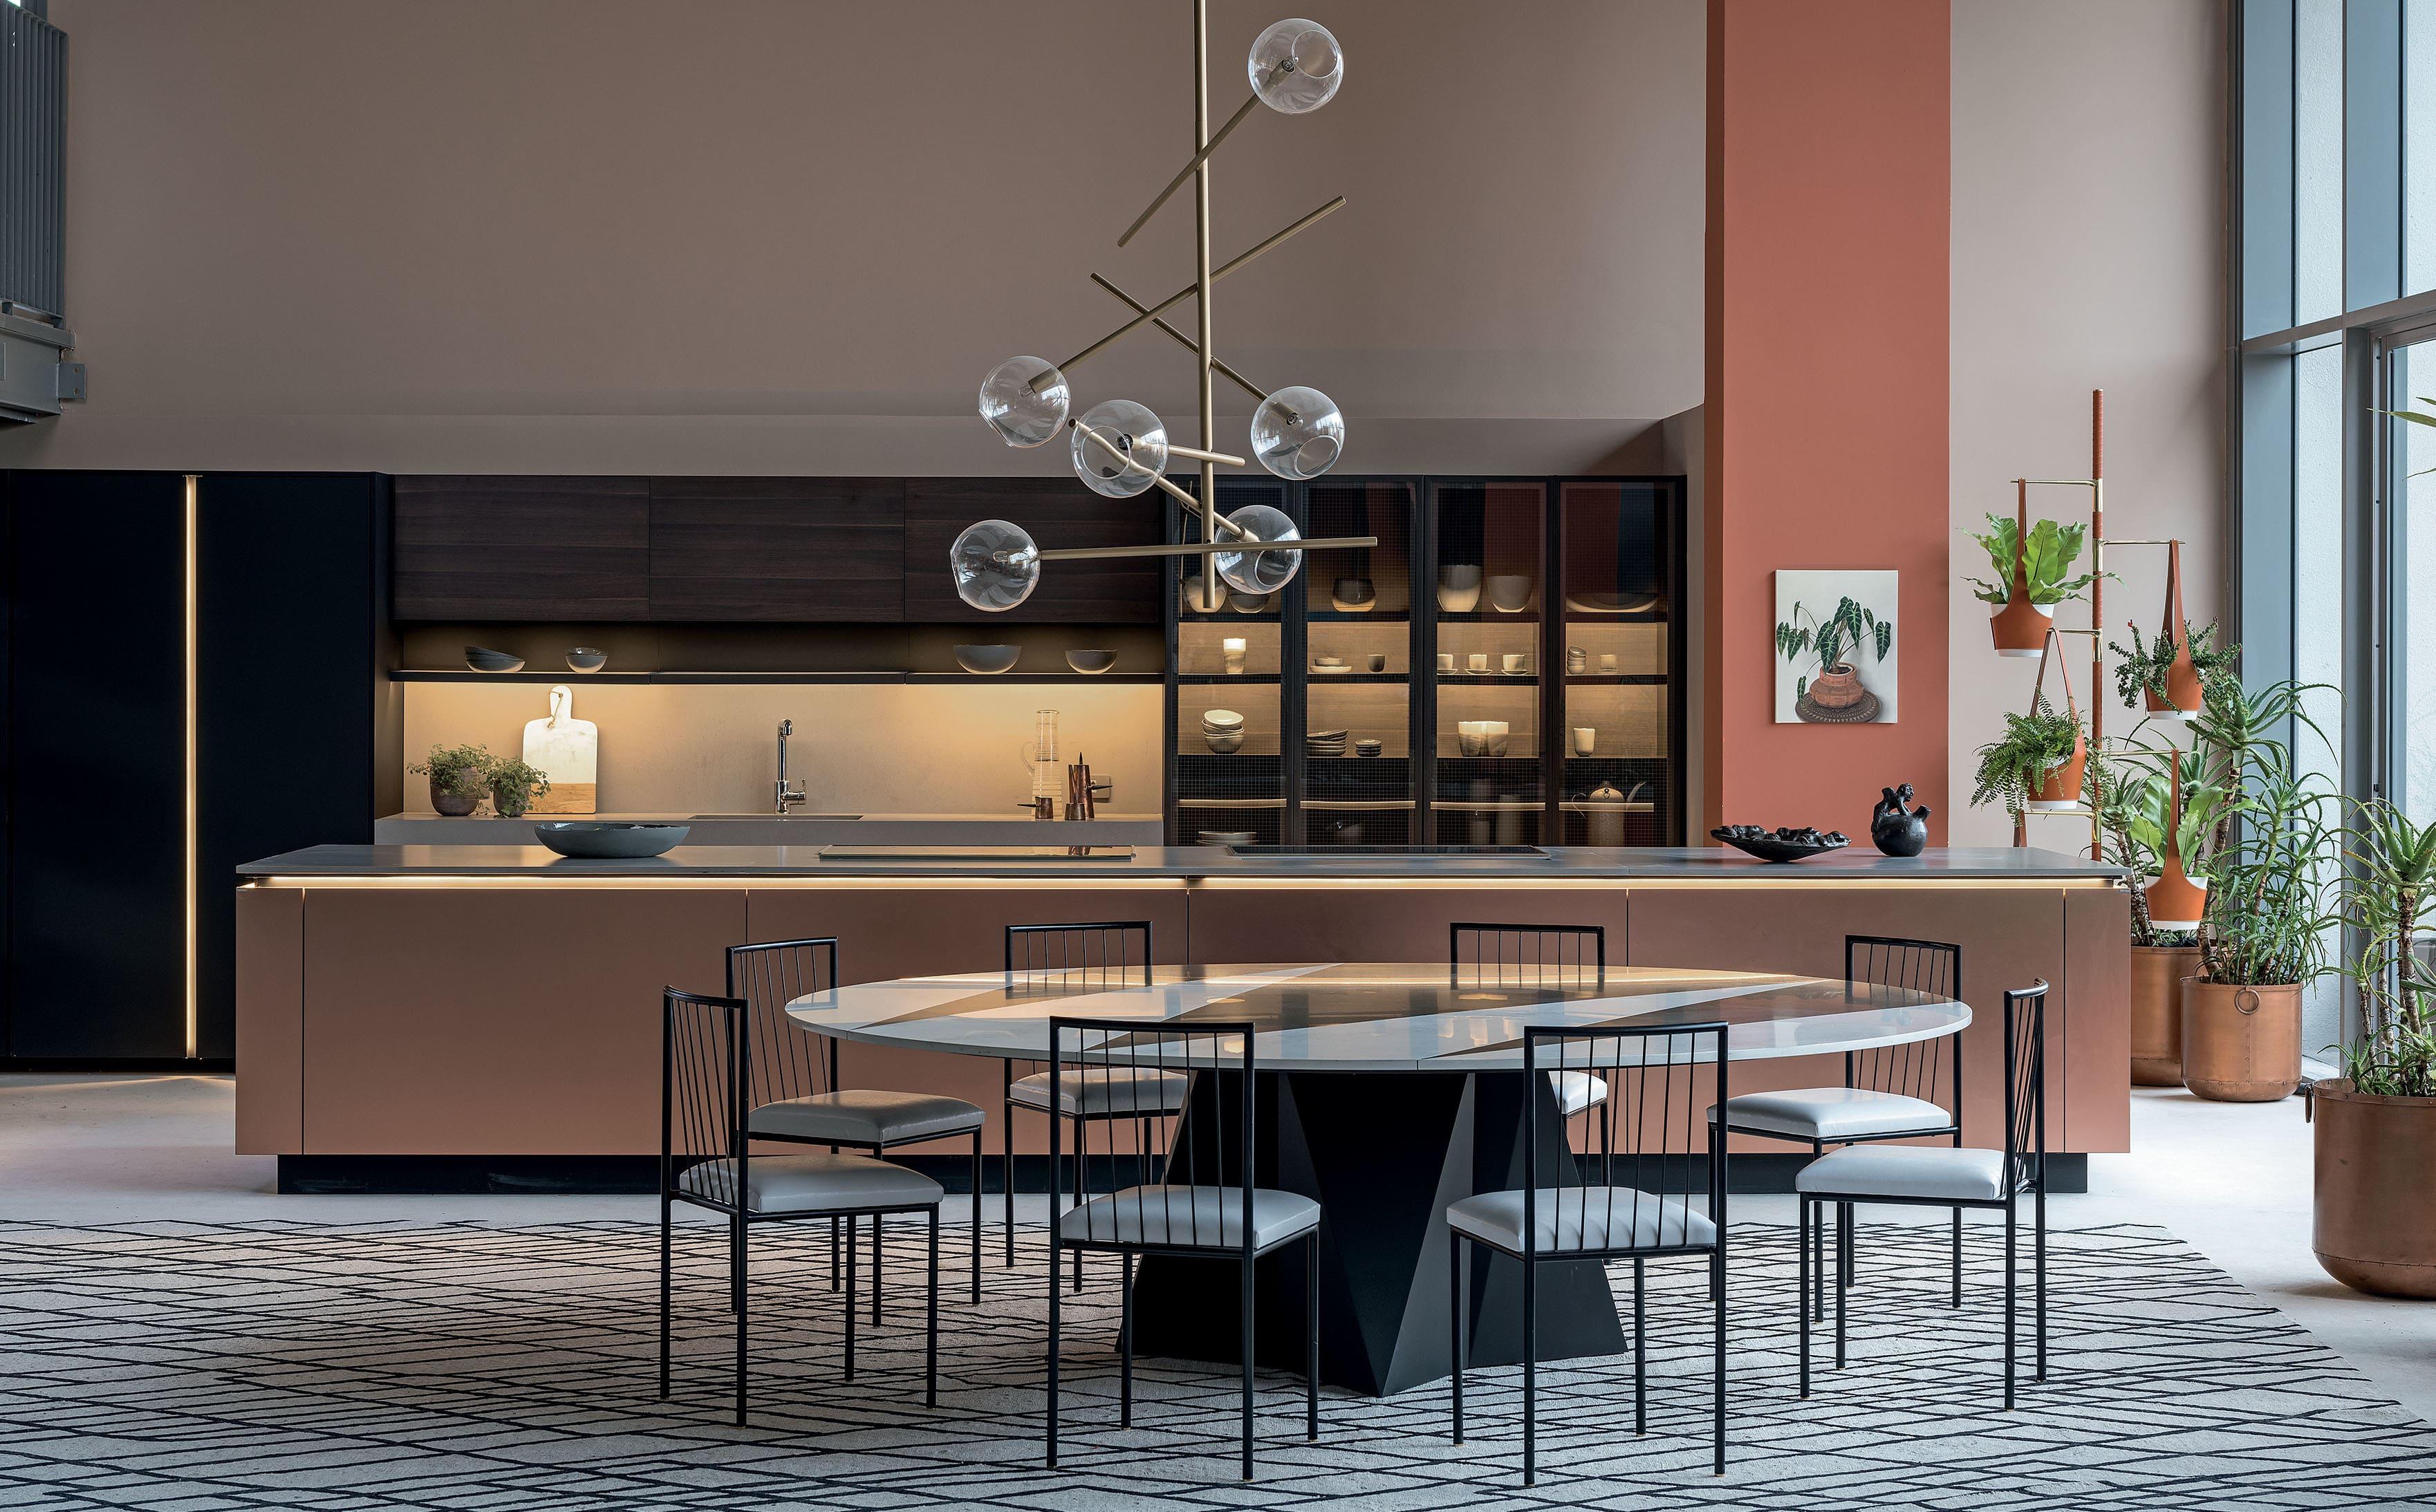 Cozinha Planejada: 4 Tendências para Seguir em 2018